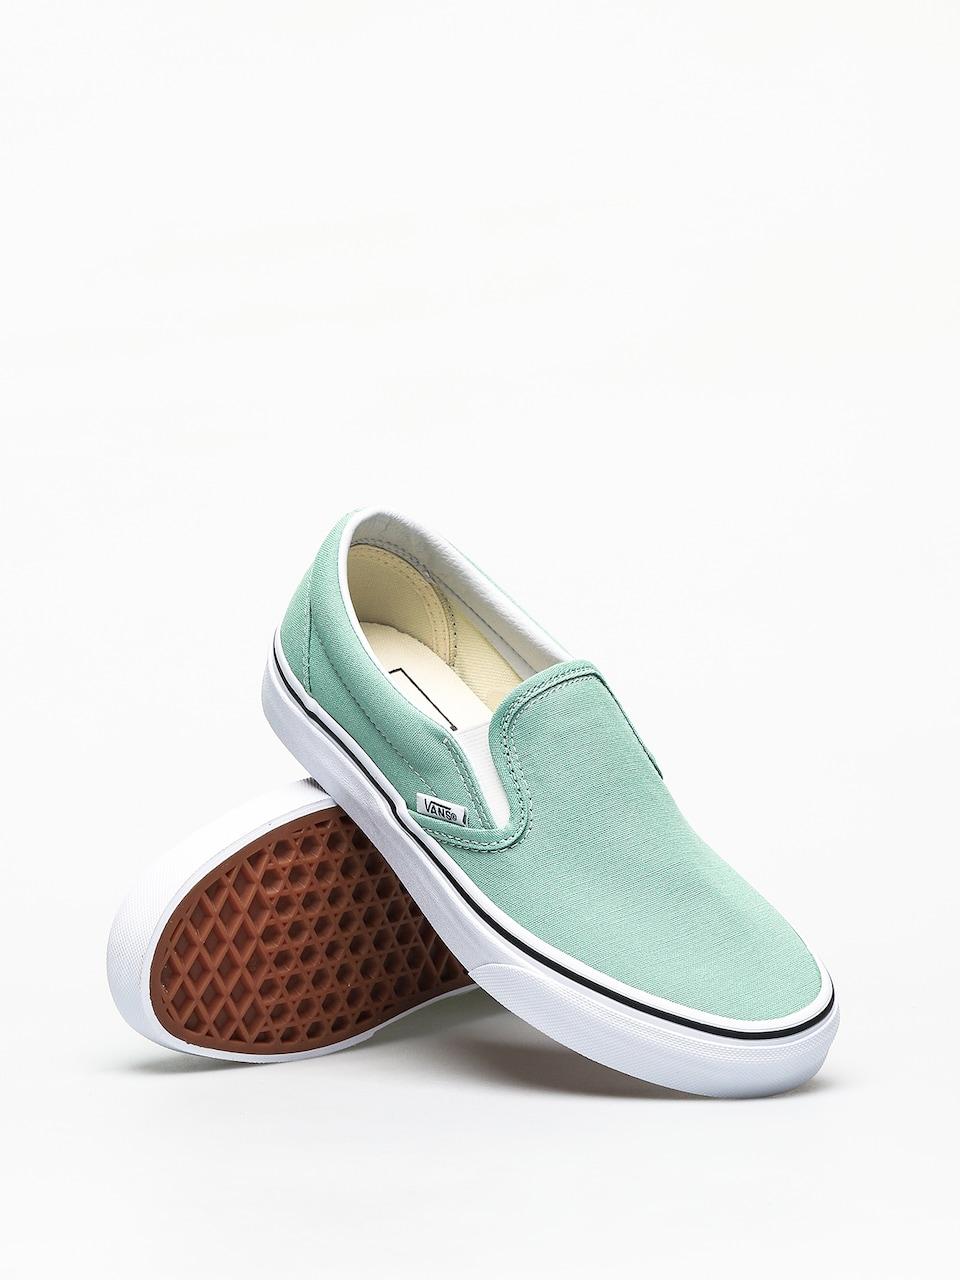 Vans Classic Slip On Shoes (neptune green)